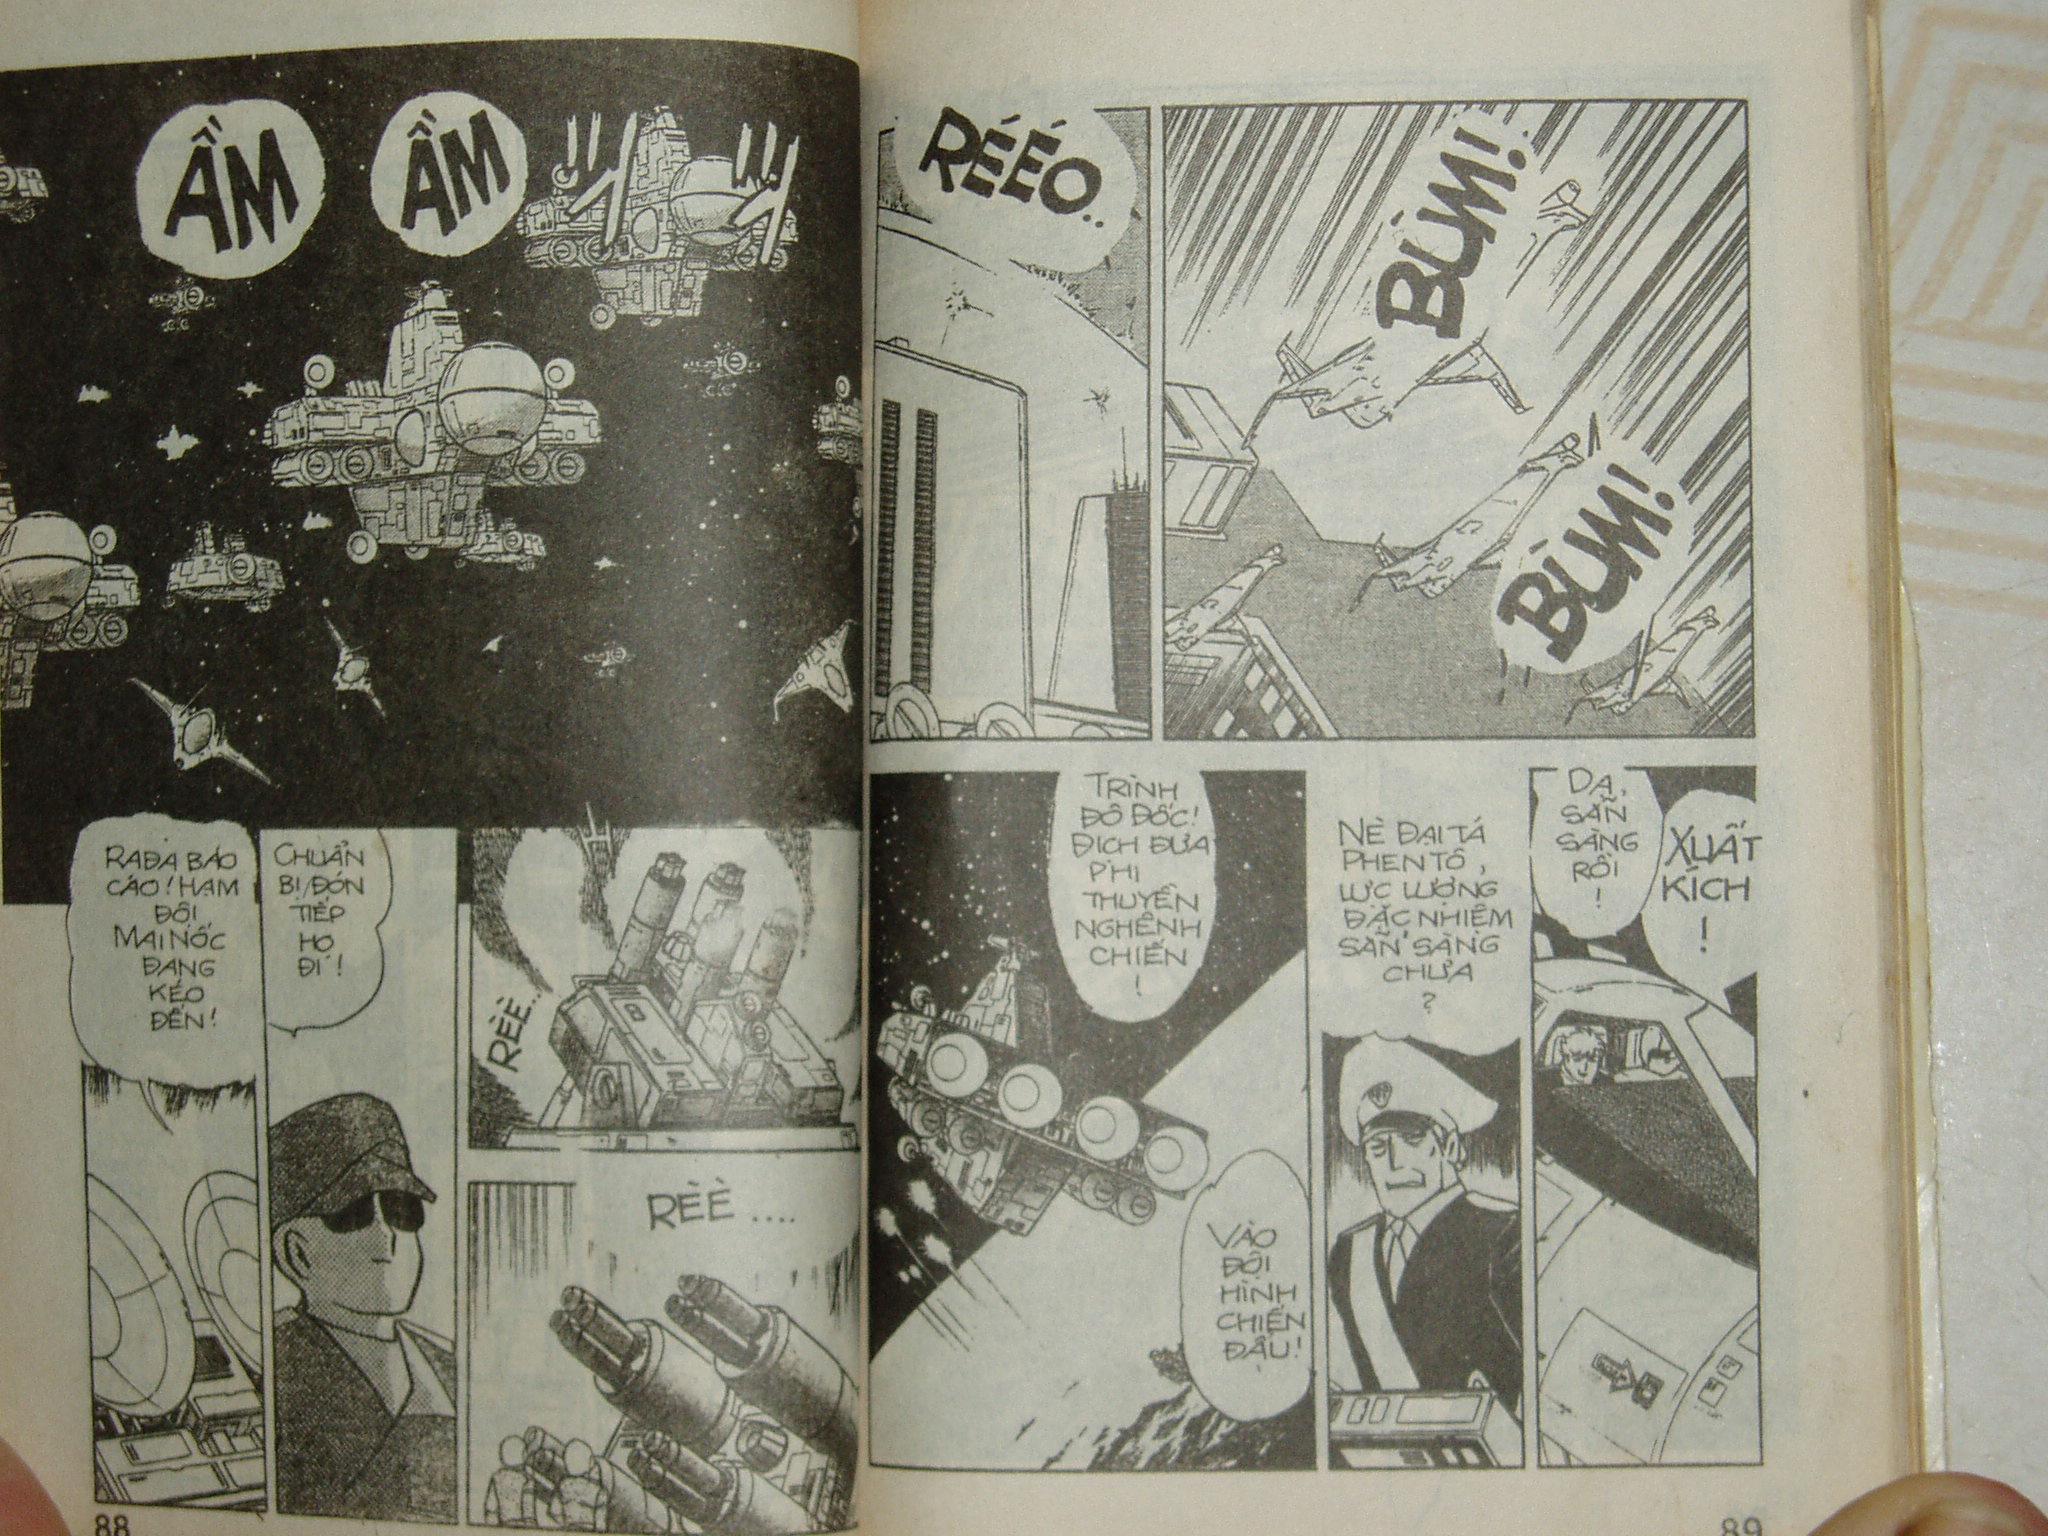 Siêu nhân Locke vol 13 trang 42